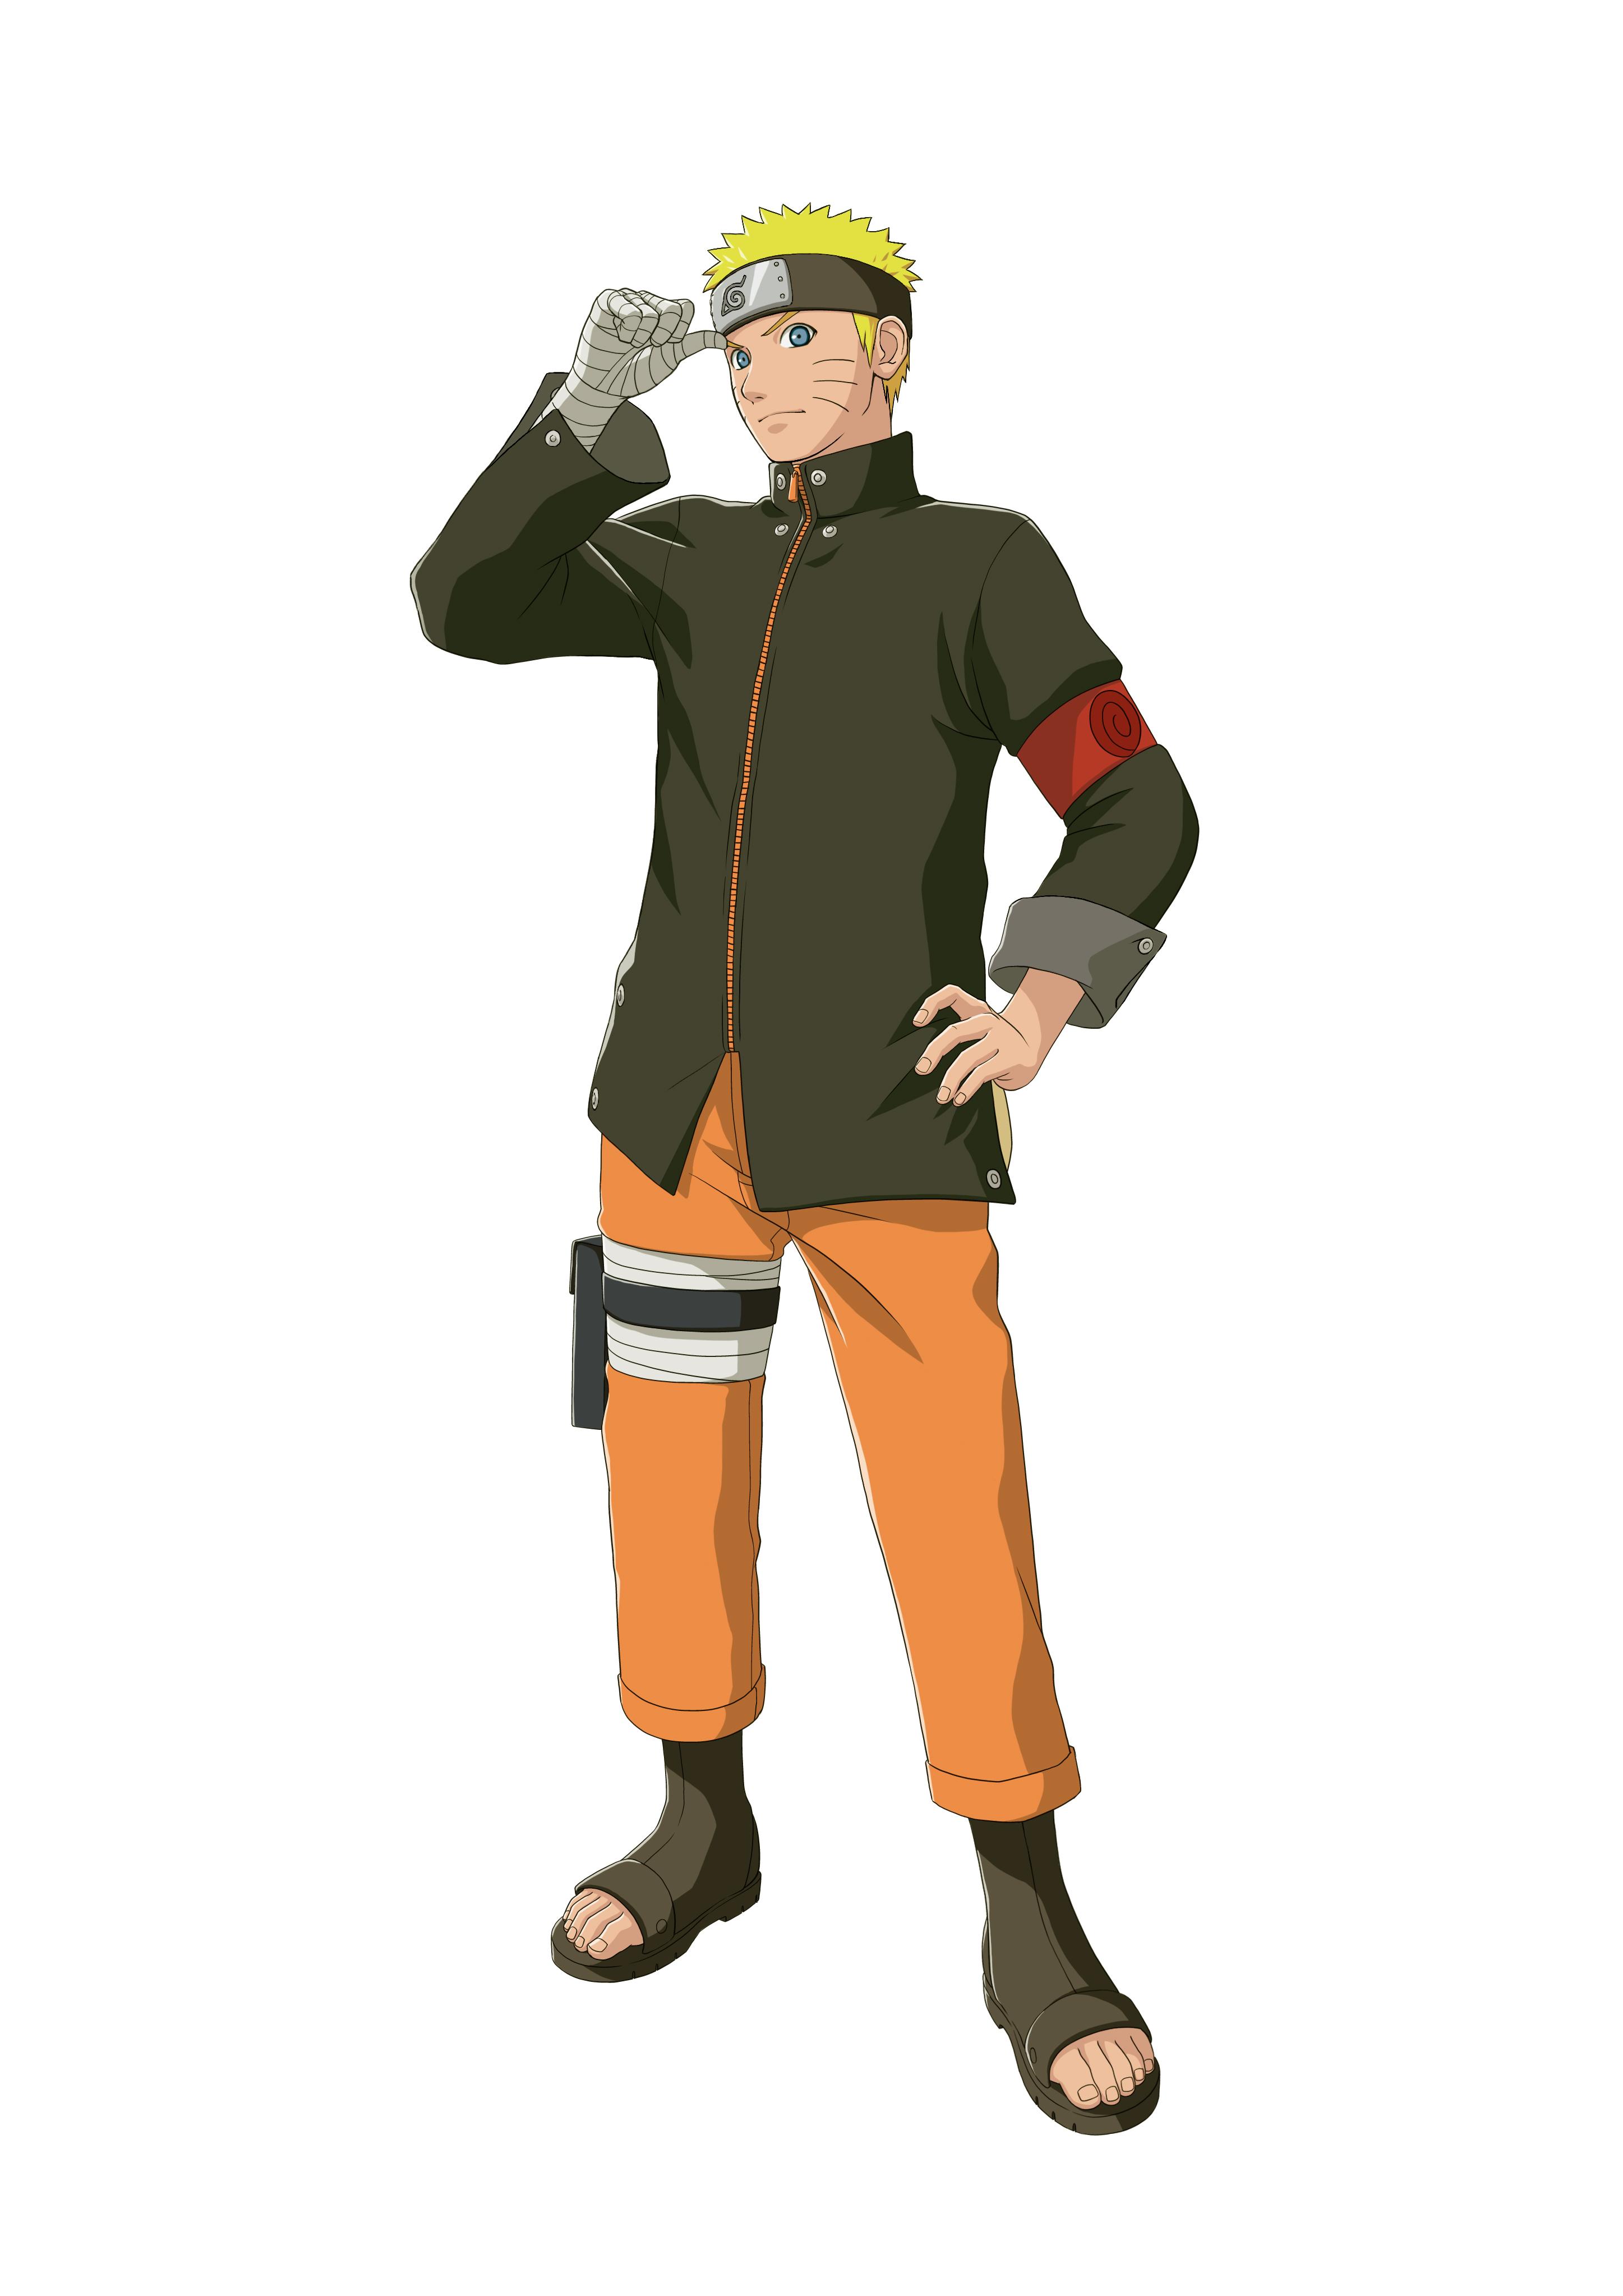 http://www.recantododragao.com.br/wp-content/uploads/2015/01/Naruto-Shippuden-Ultimate-Ninja-Storm-4_2015_01-19-15_004.jpg